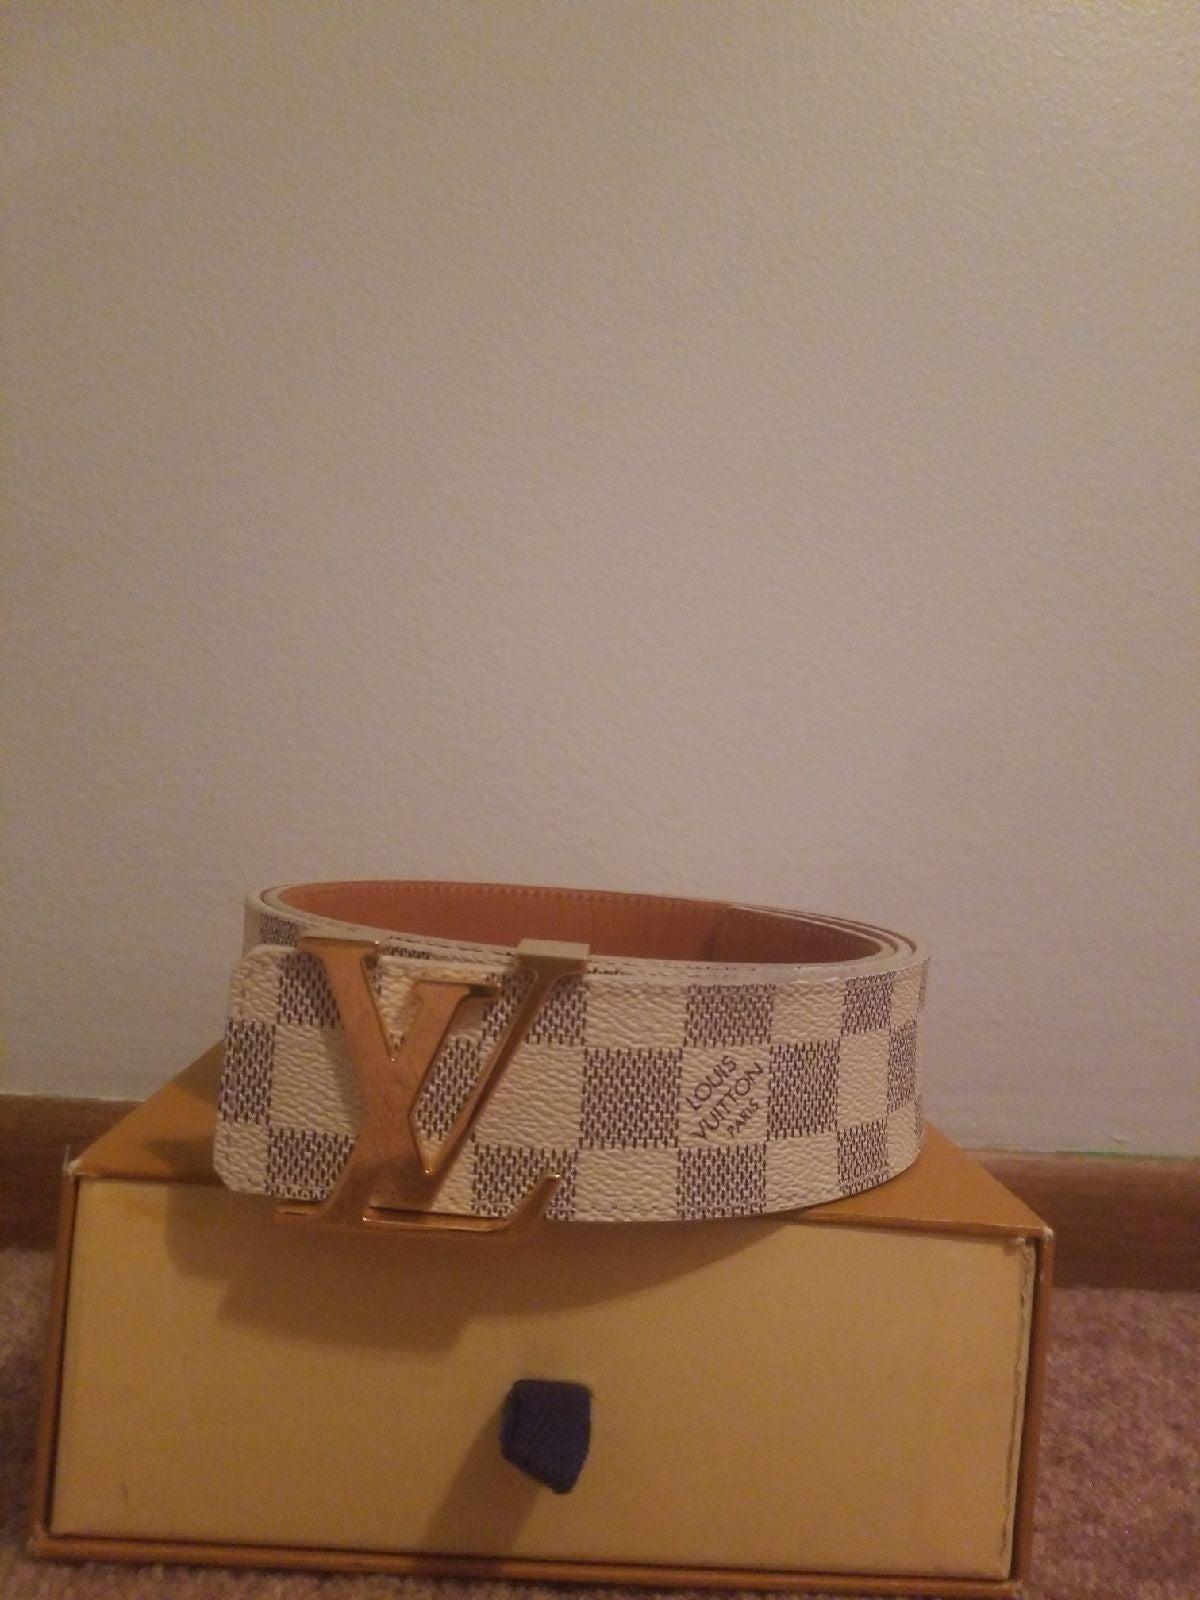 Louis Vuitton mens belt size 32+